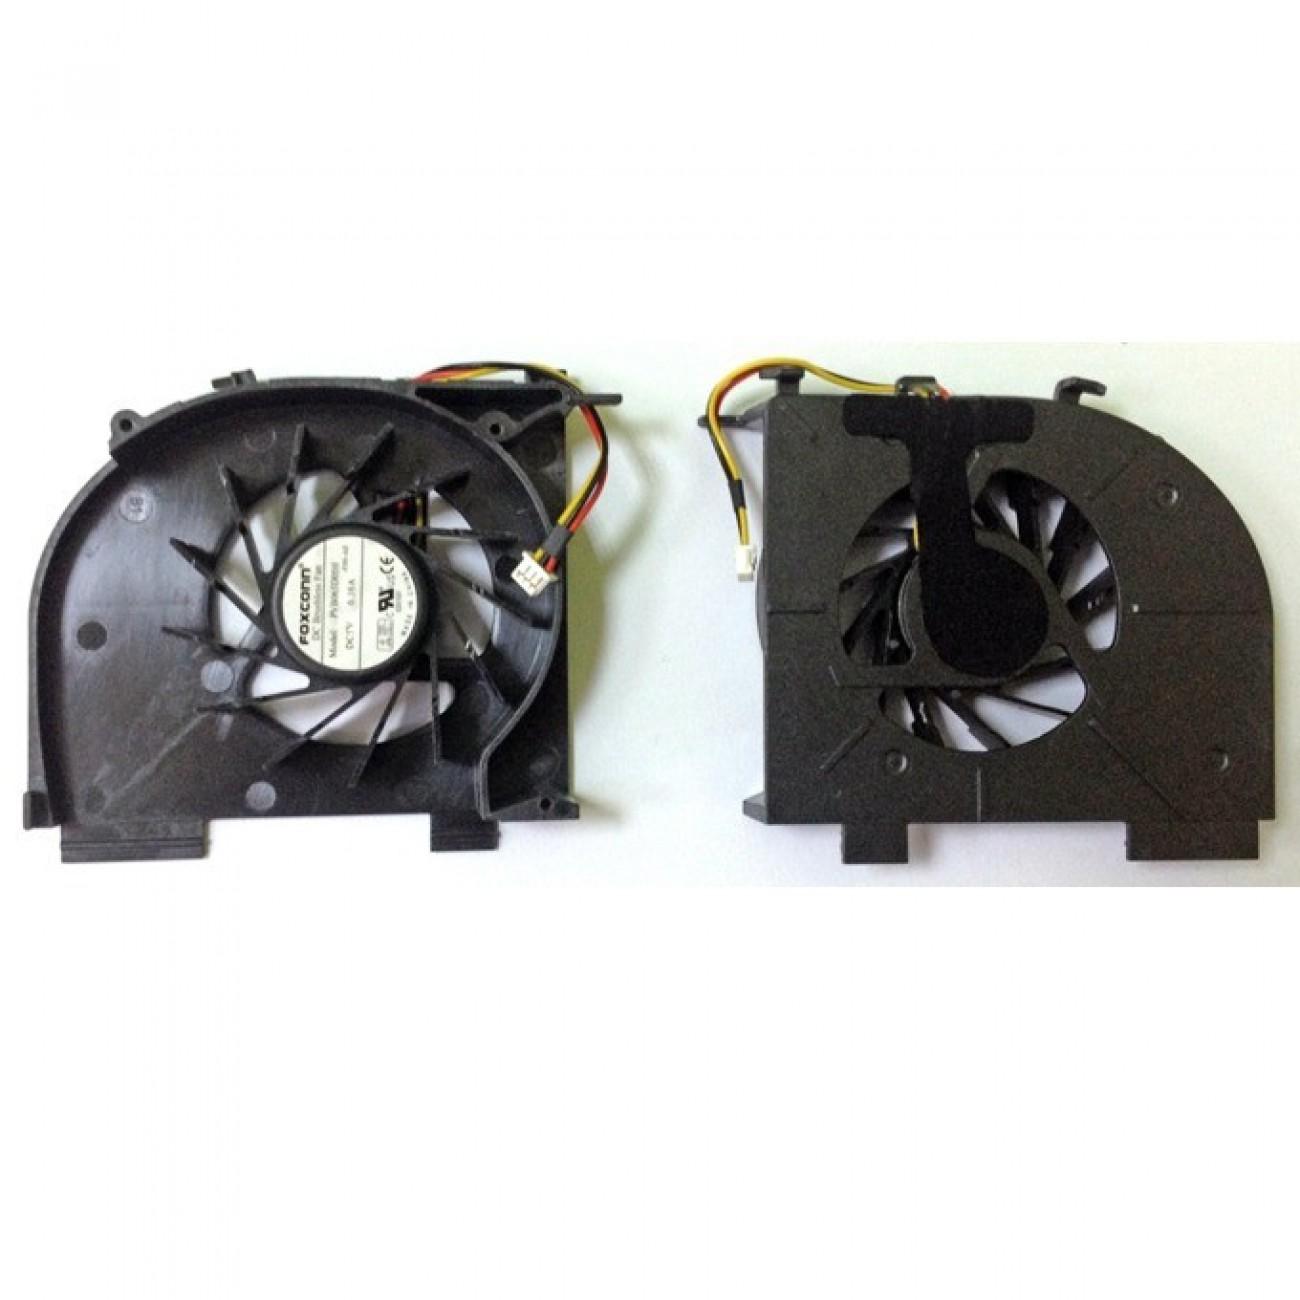 Вентилатор за лаптоп (CPU Fan) HP Pavilion DV5 DV5T DV5T-1000 DV5-1100 DV5-1200 (За модели с вградено видео-UMA) в Резервни части -    Alleop